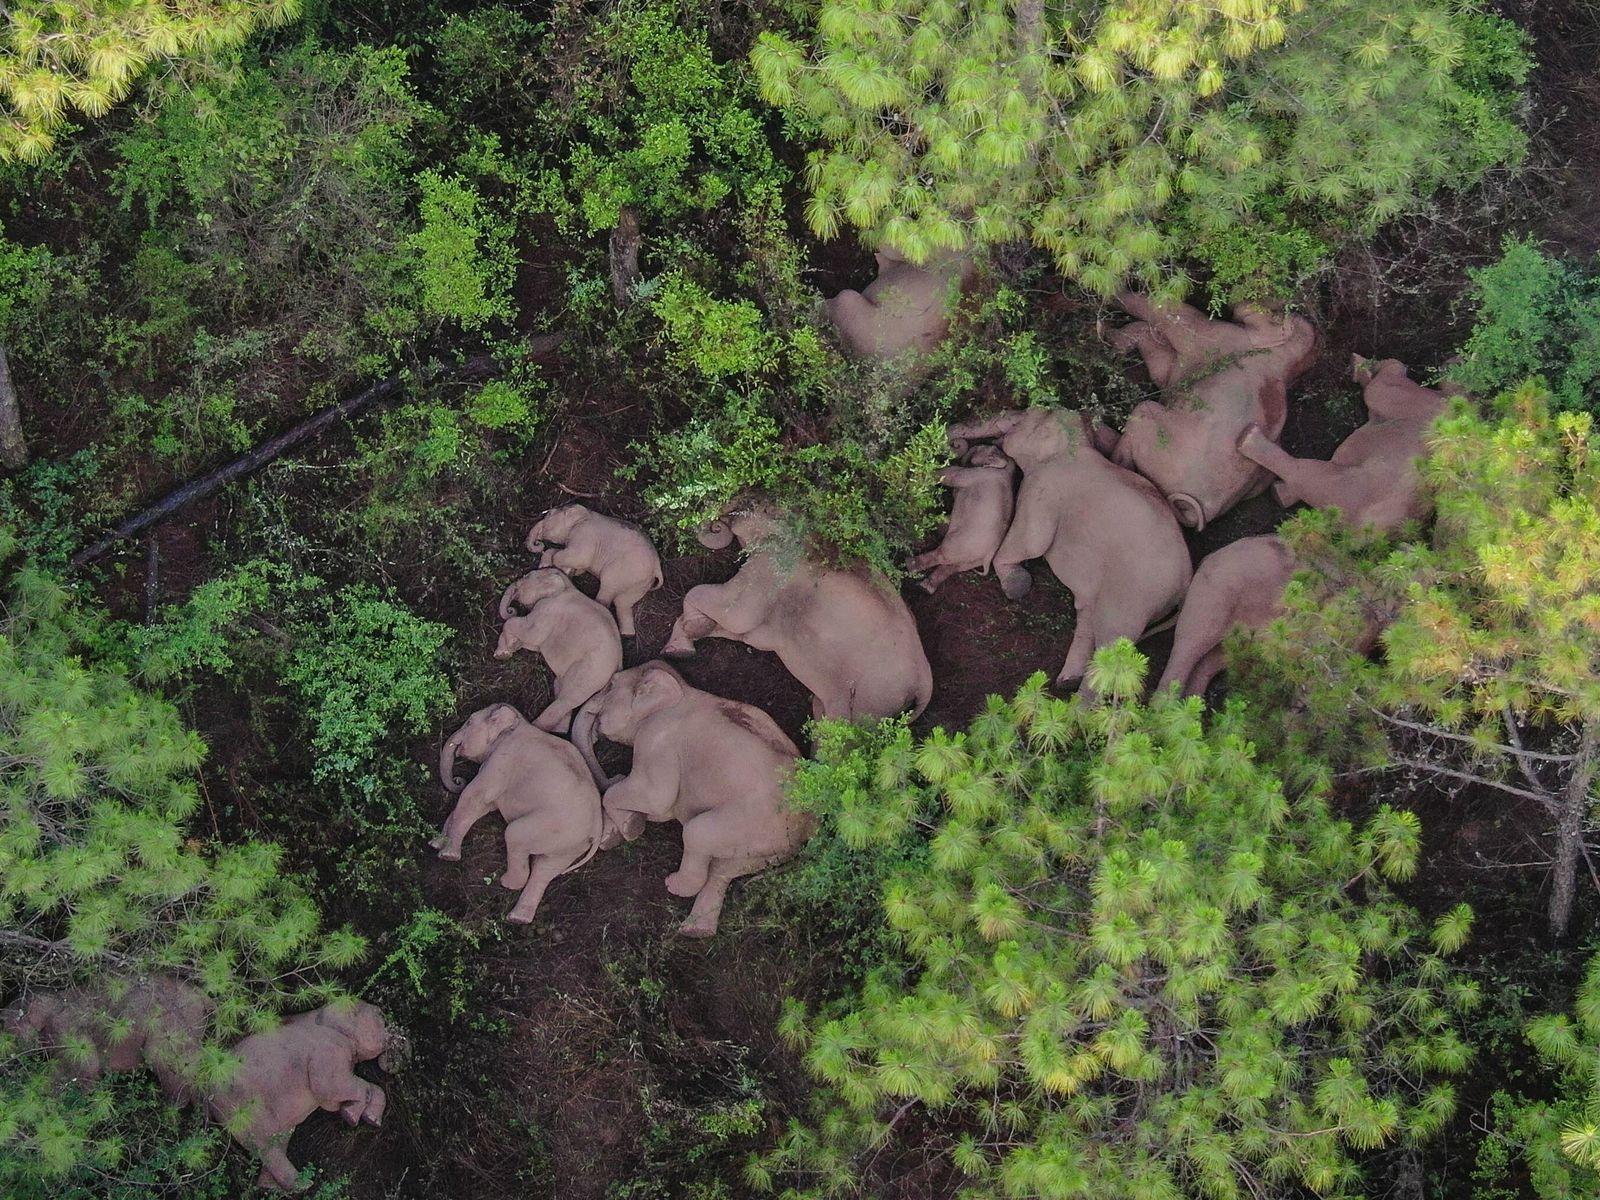 01-china-herd-elephants